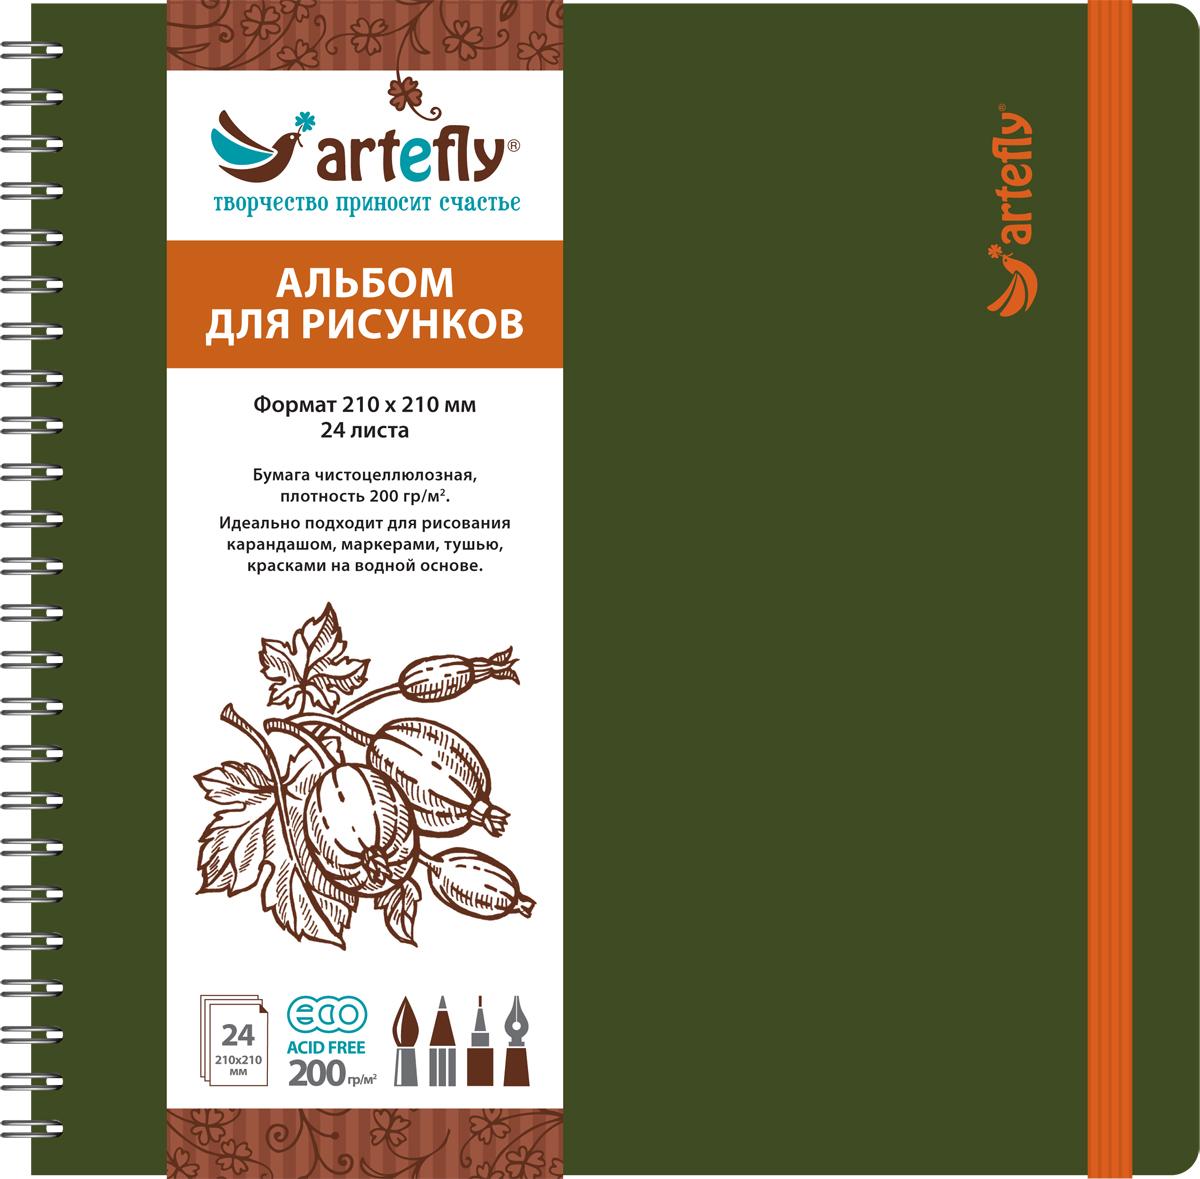 Artefly Альбом для рисования 24 листа цвет зеленый AFNB-22530703415Альбом идеально подходит для рисования в нем карандашом, маркерами, тушью, красками на водной основе. Удобная эластичная застежка защитит Вашу записную книжку. Переплет на спирали делает альбом еще более удобным и позволяет с легкостью переворачивать страницы.